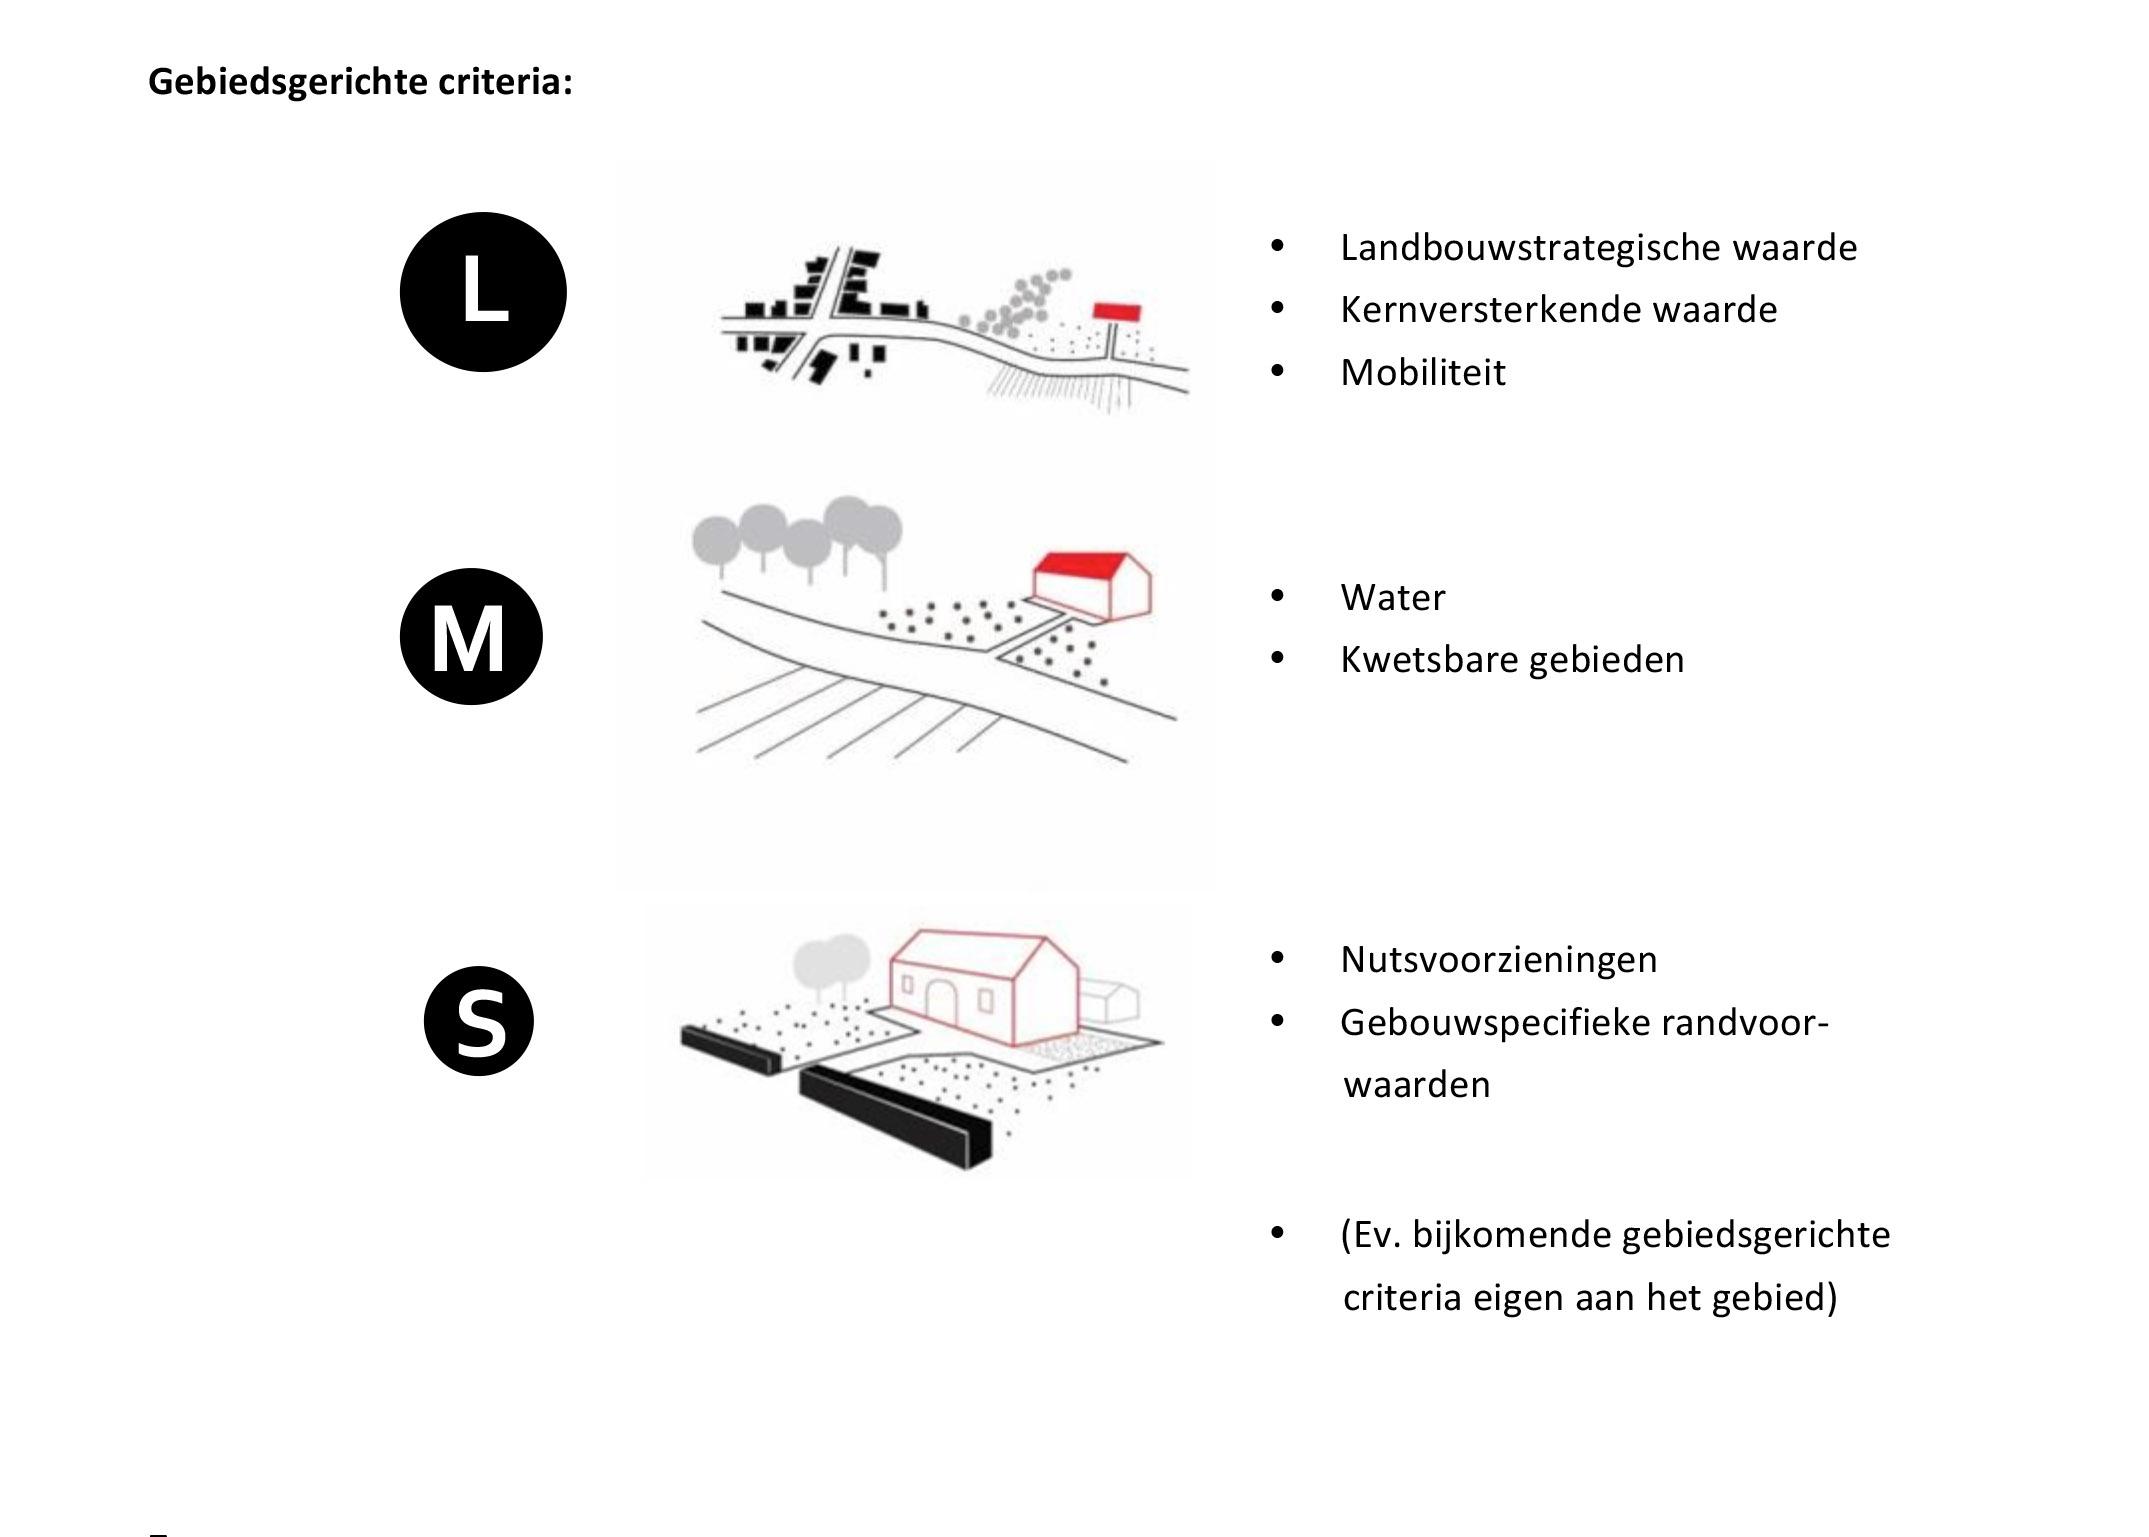 schema_3schalen-criteria